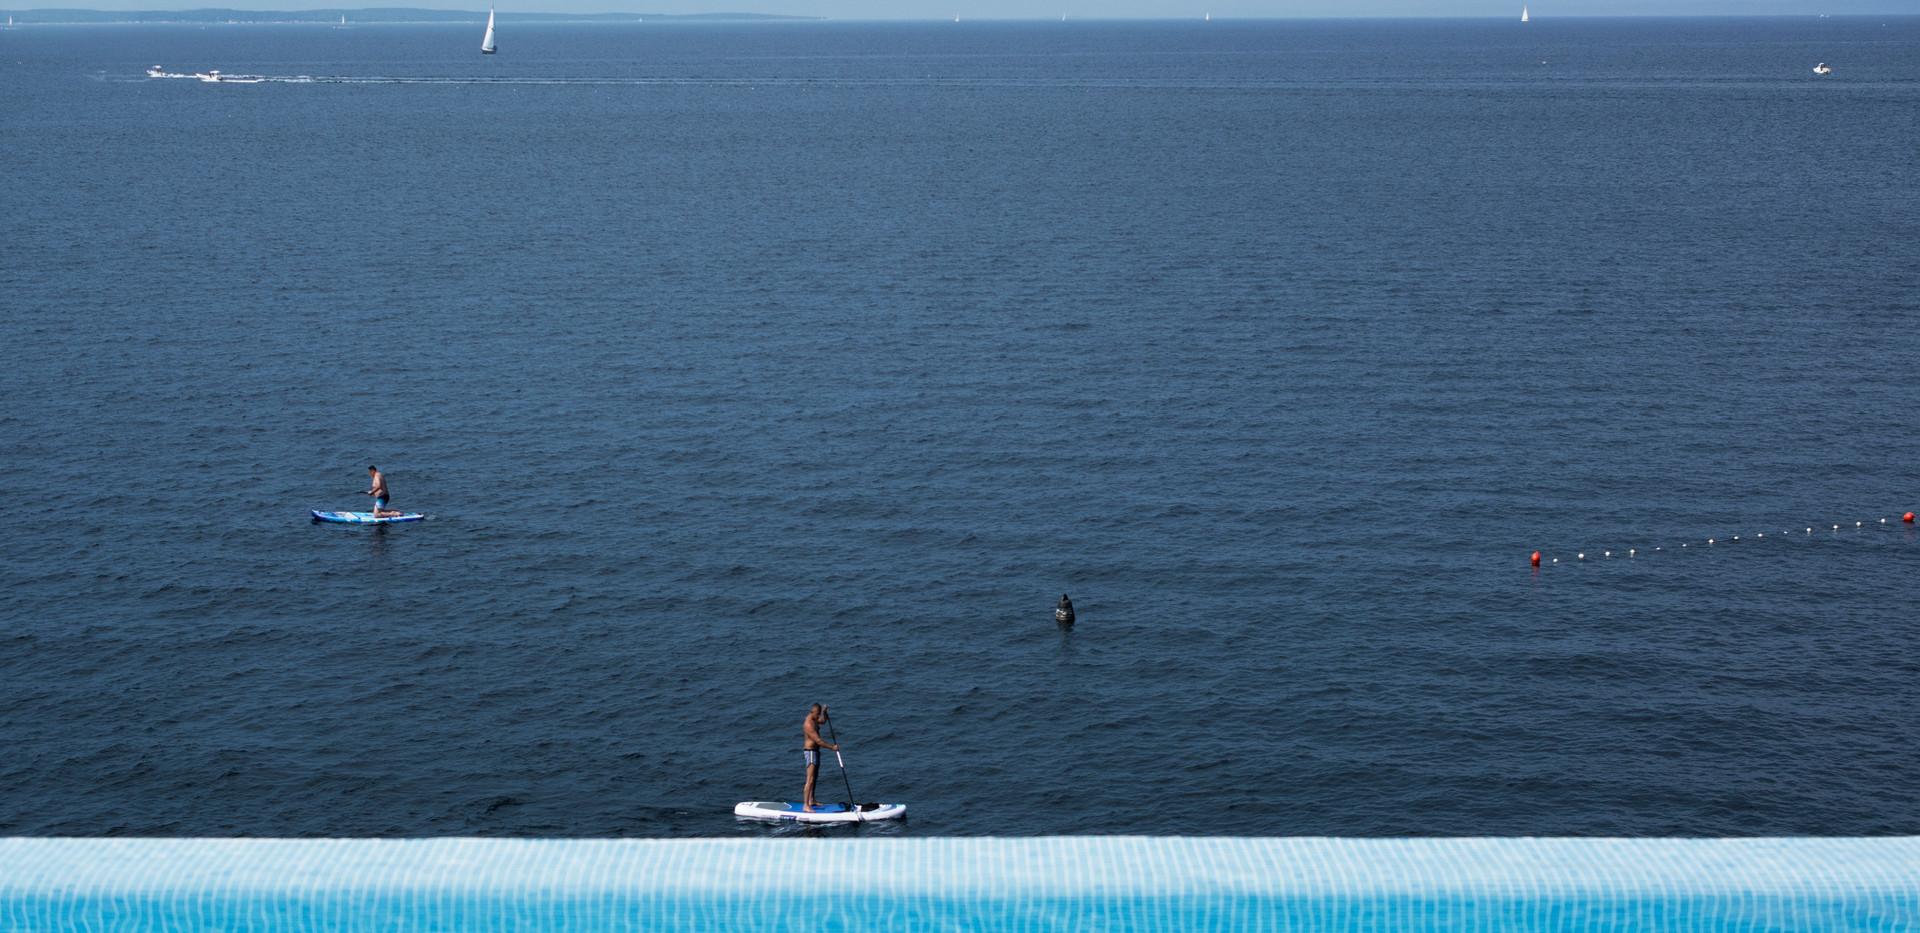 Pool or Sea.jpg